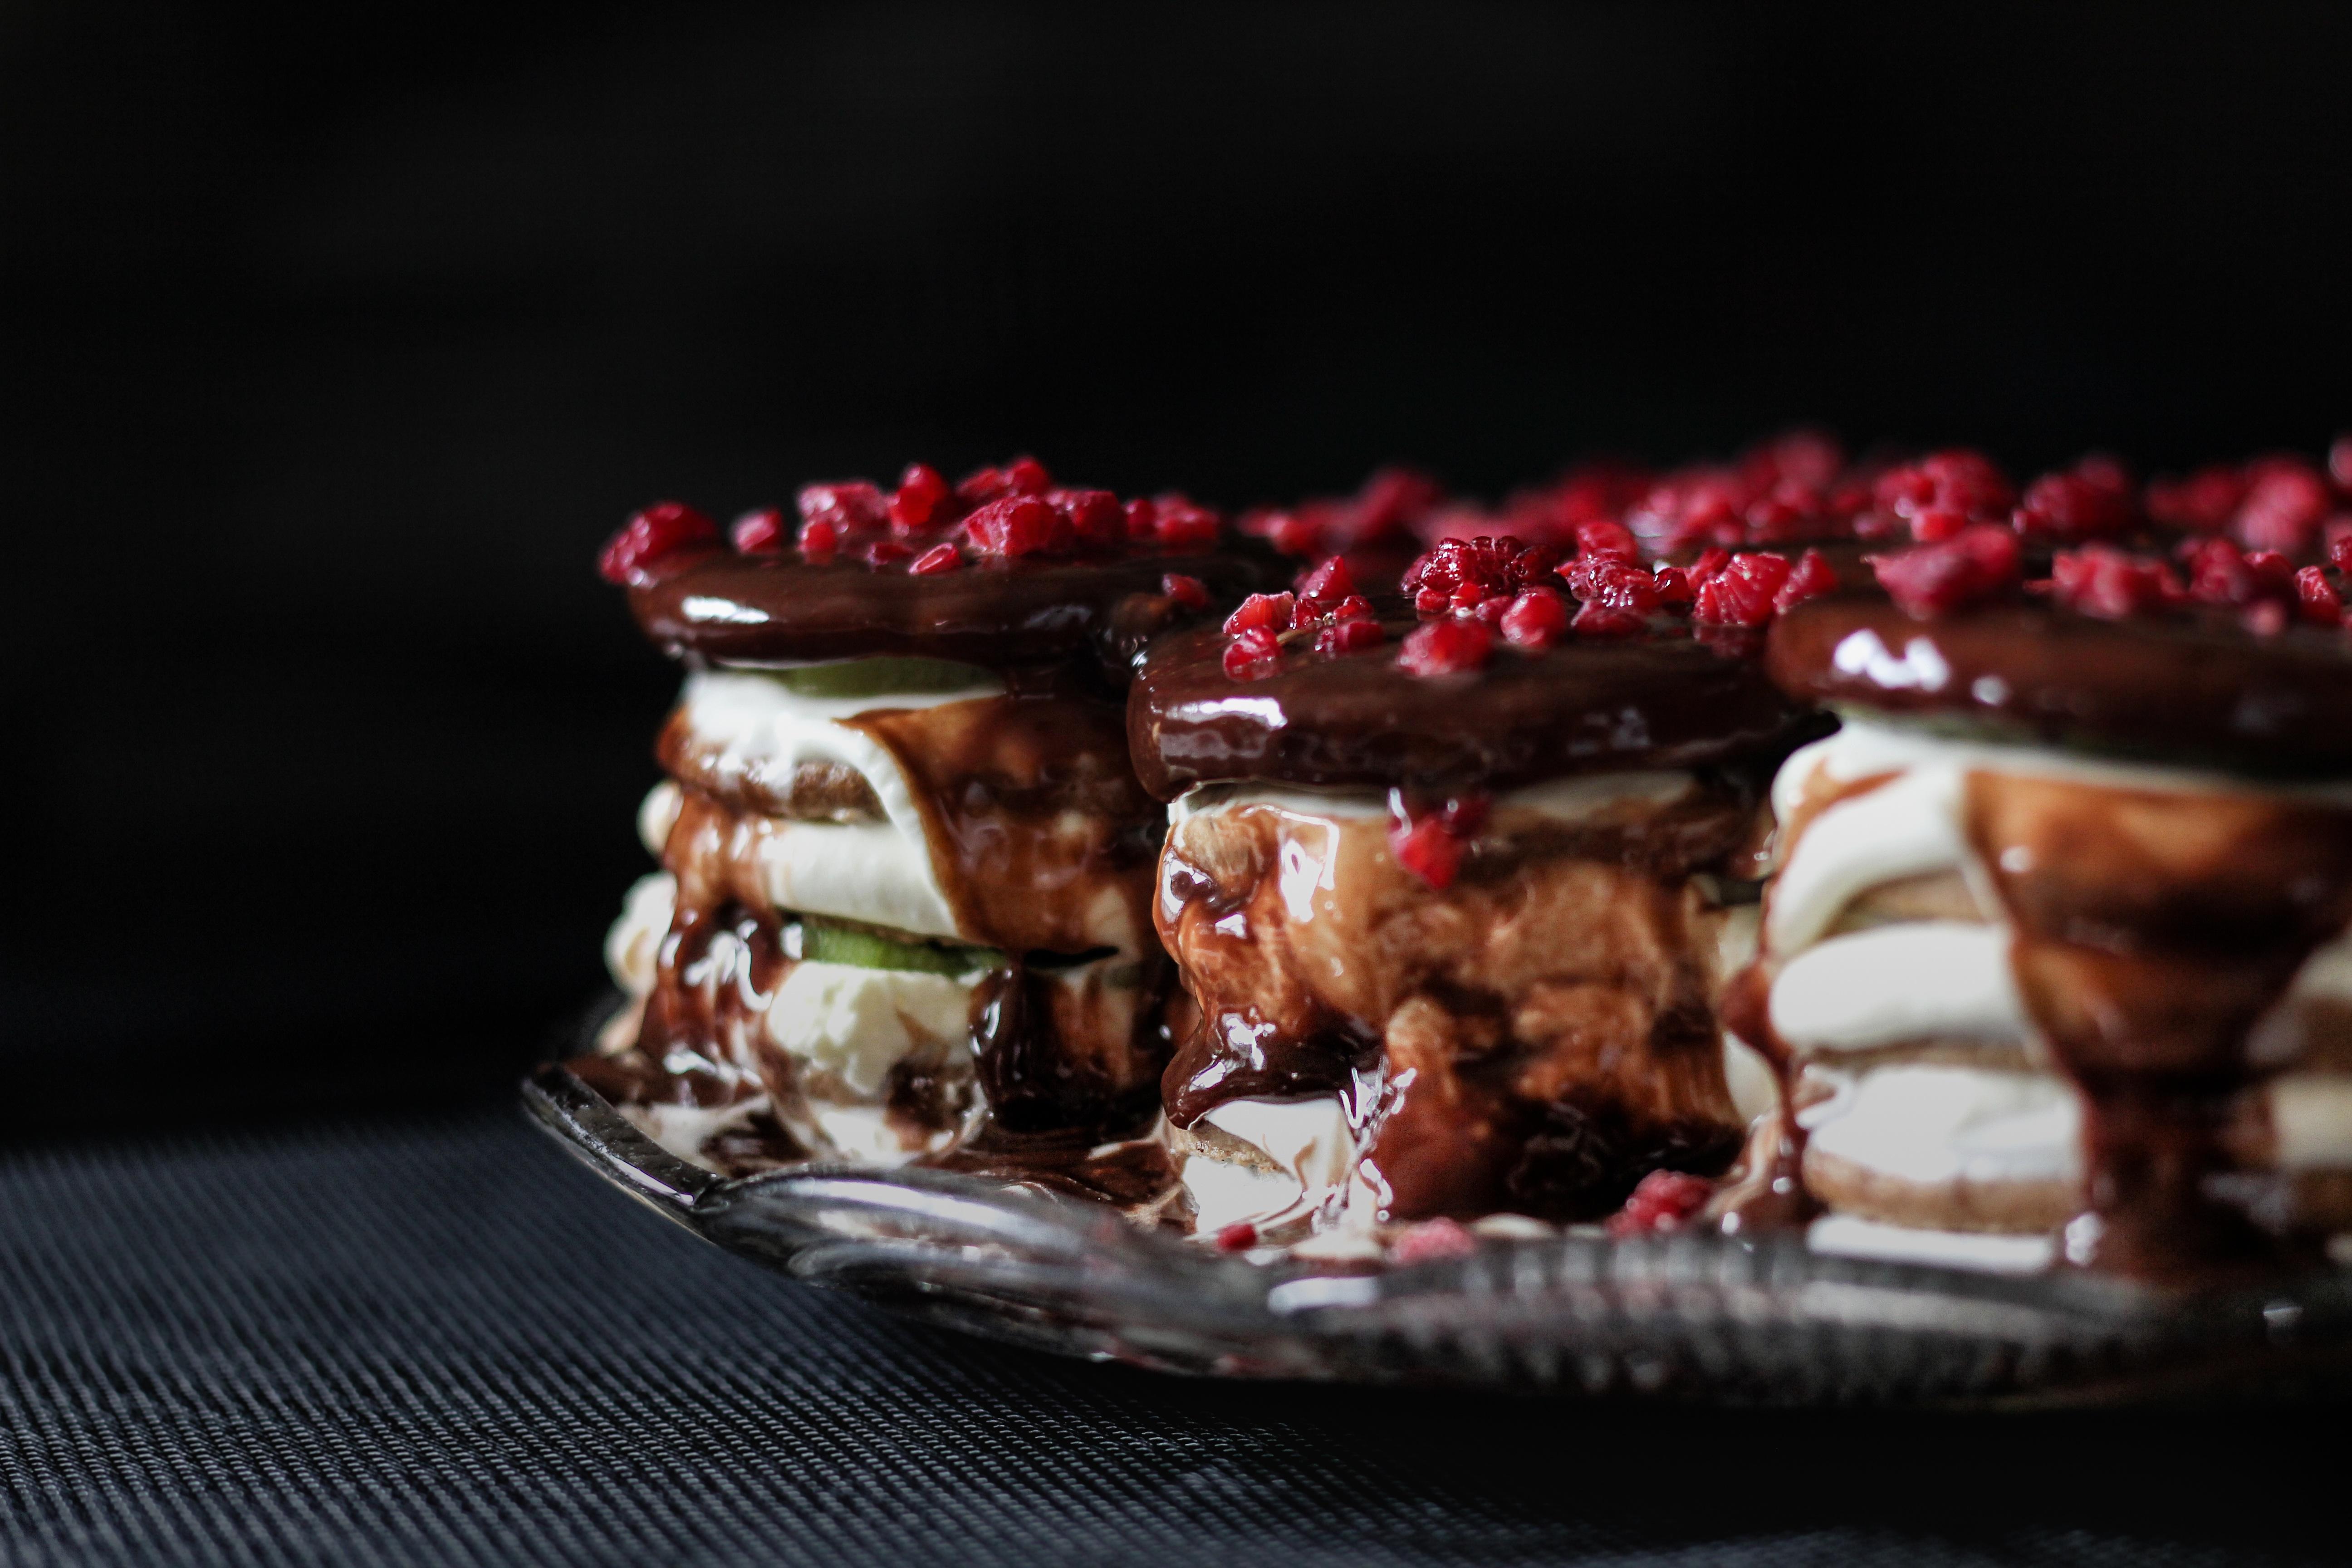 Днем, картинки десерты на темном фоне